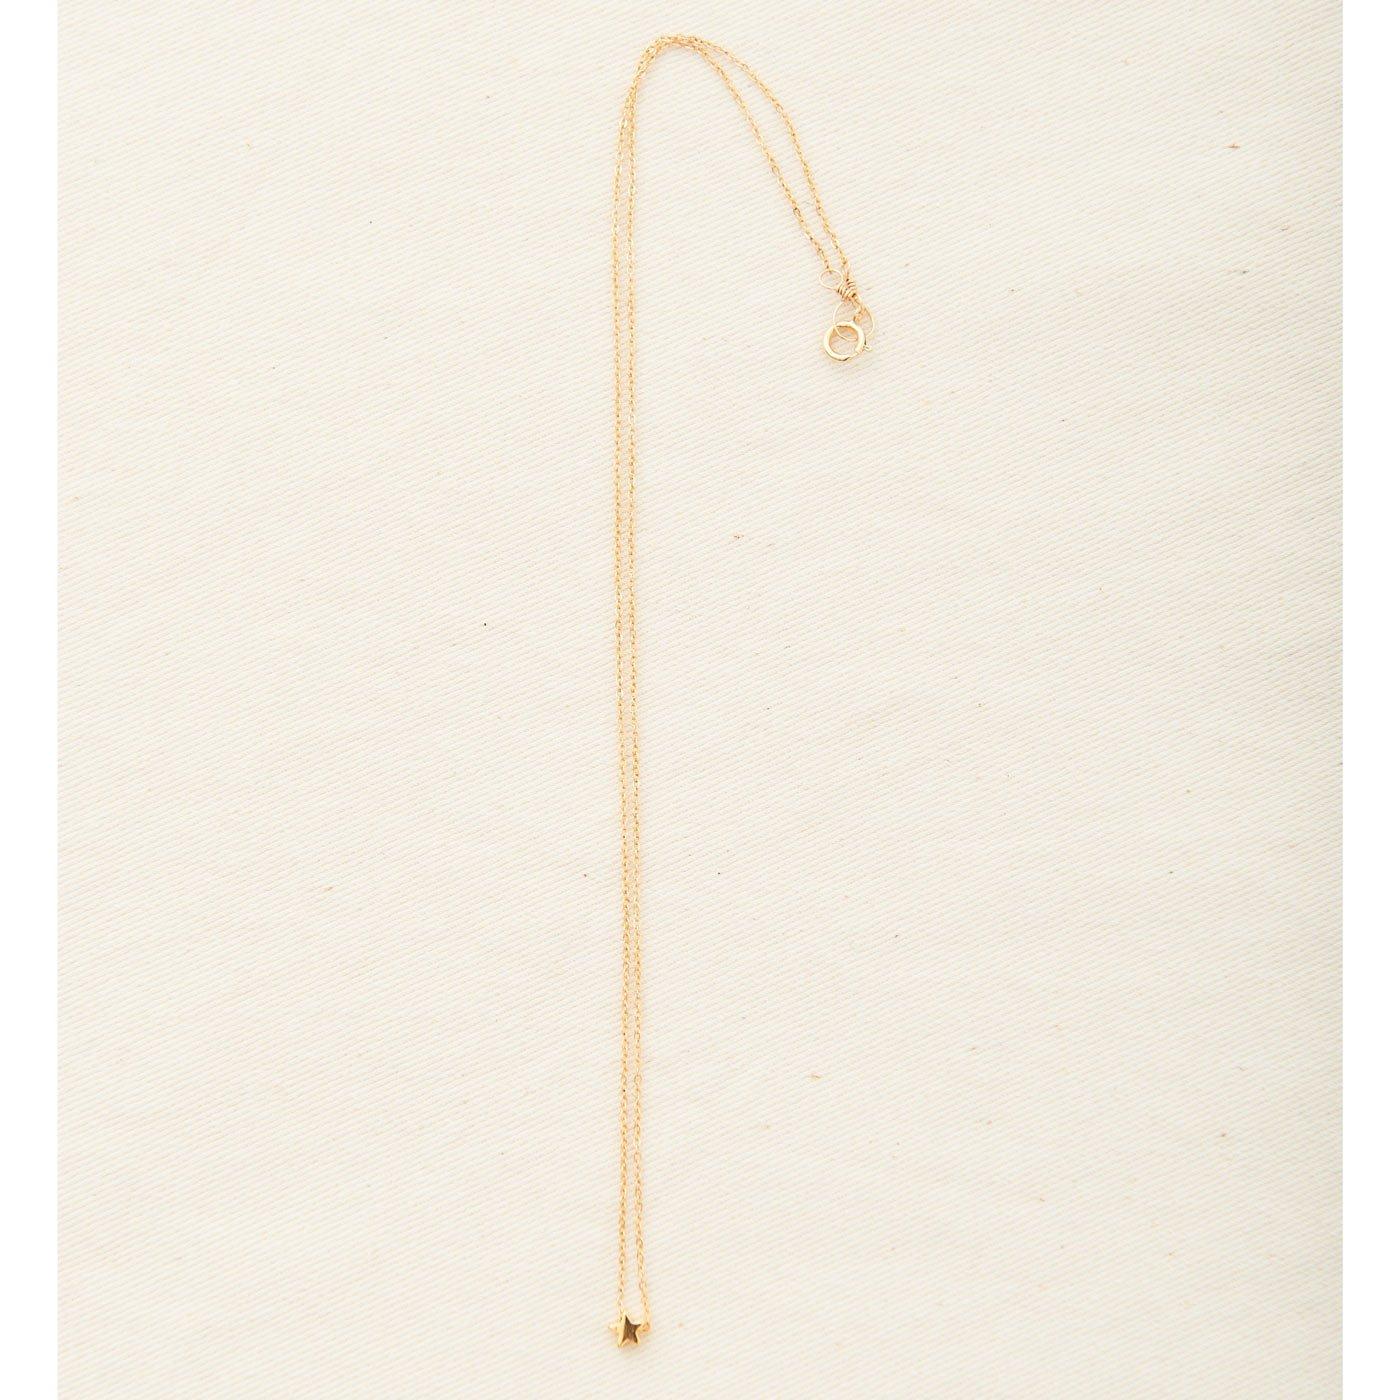 IEDIT[イディット] SELECT mimi&lu きらりと輝くスターモチーフネックレス〈ゴールド〉